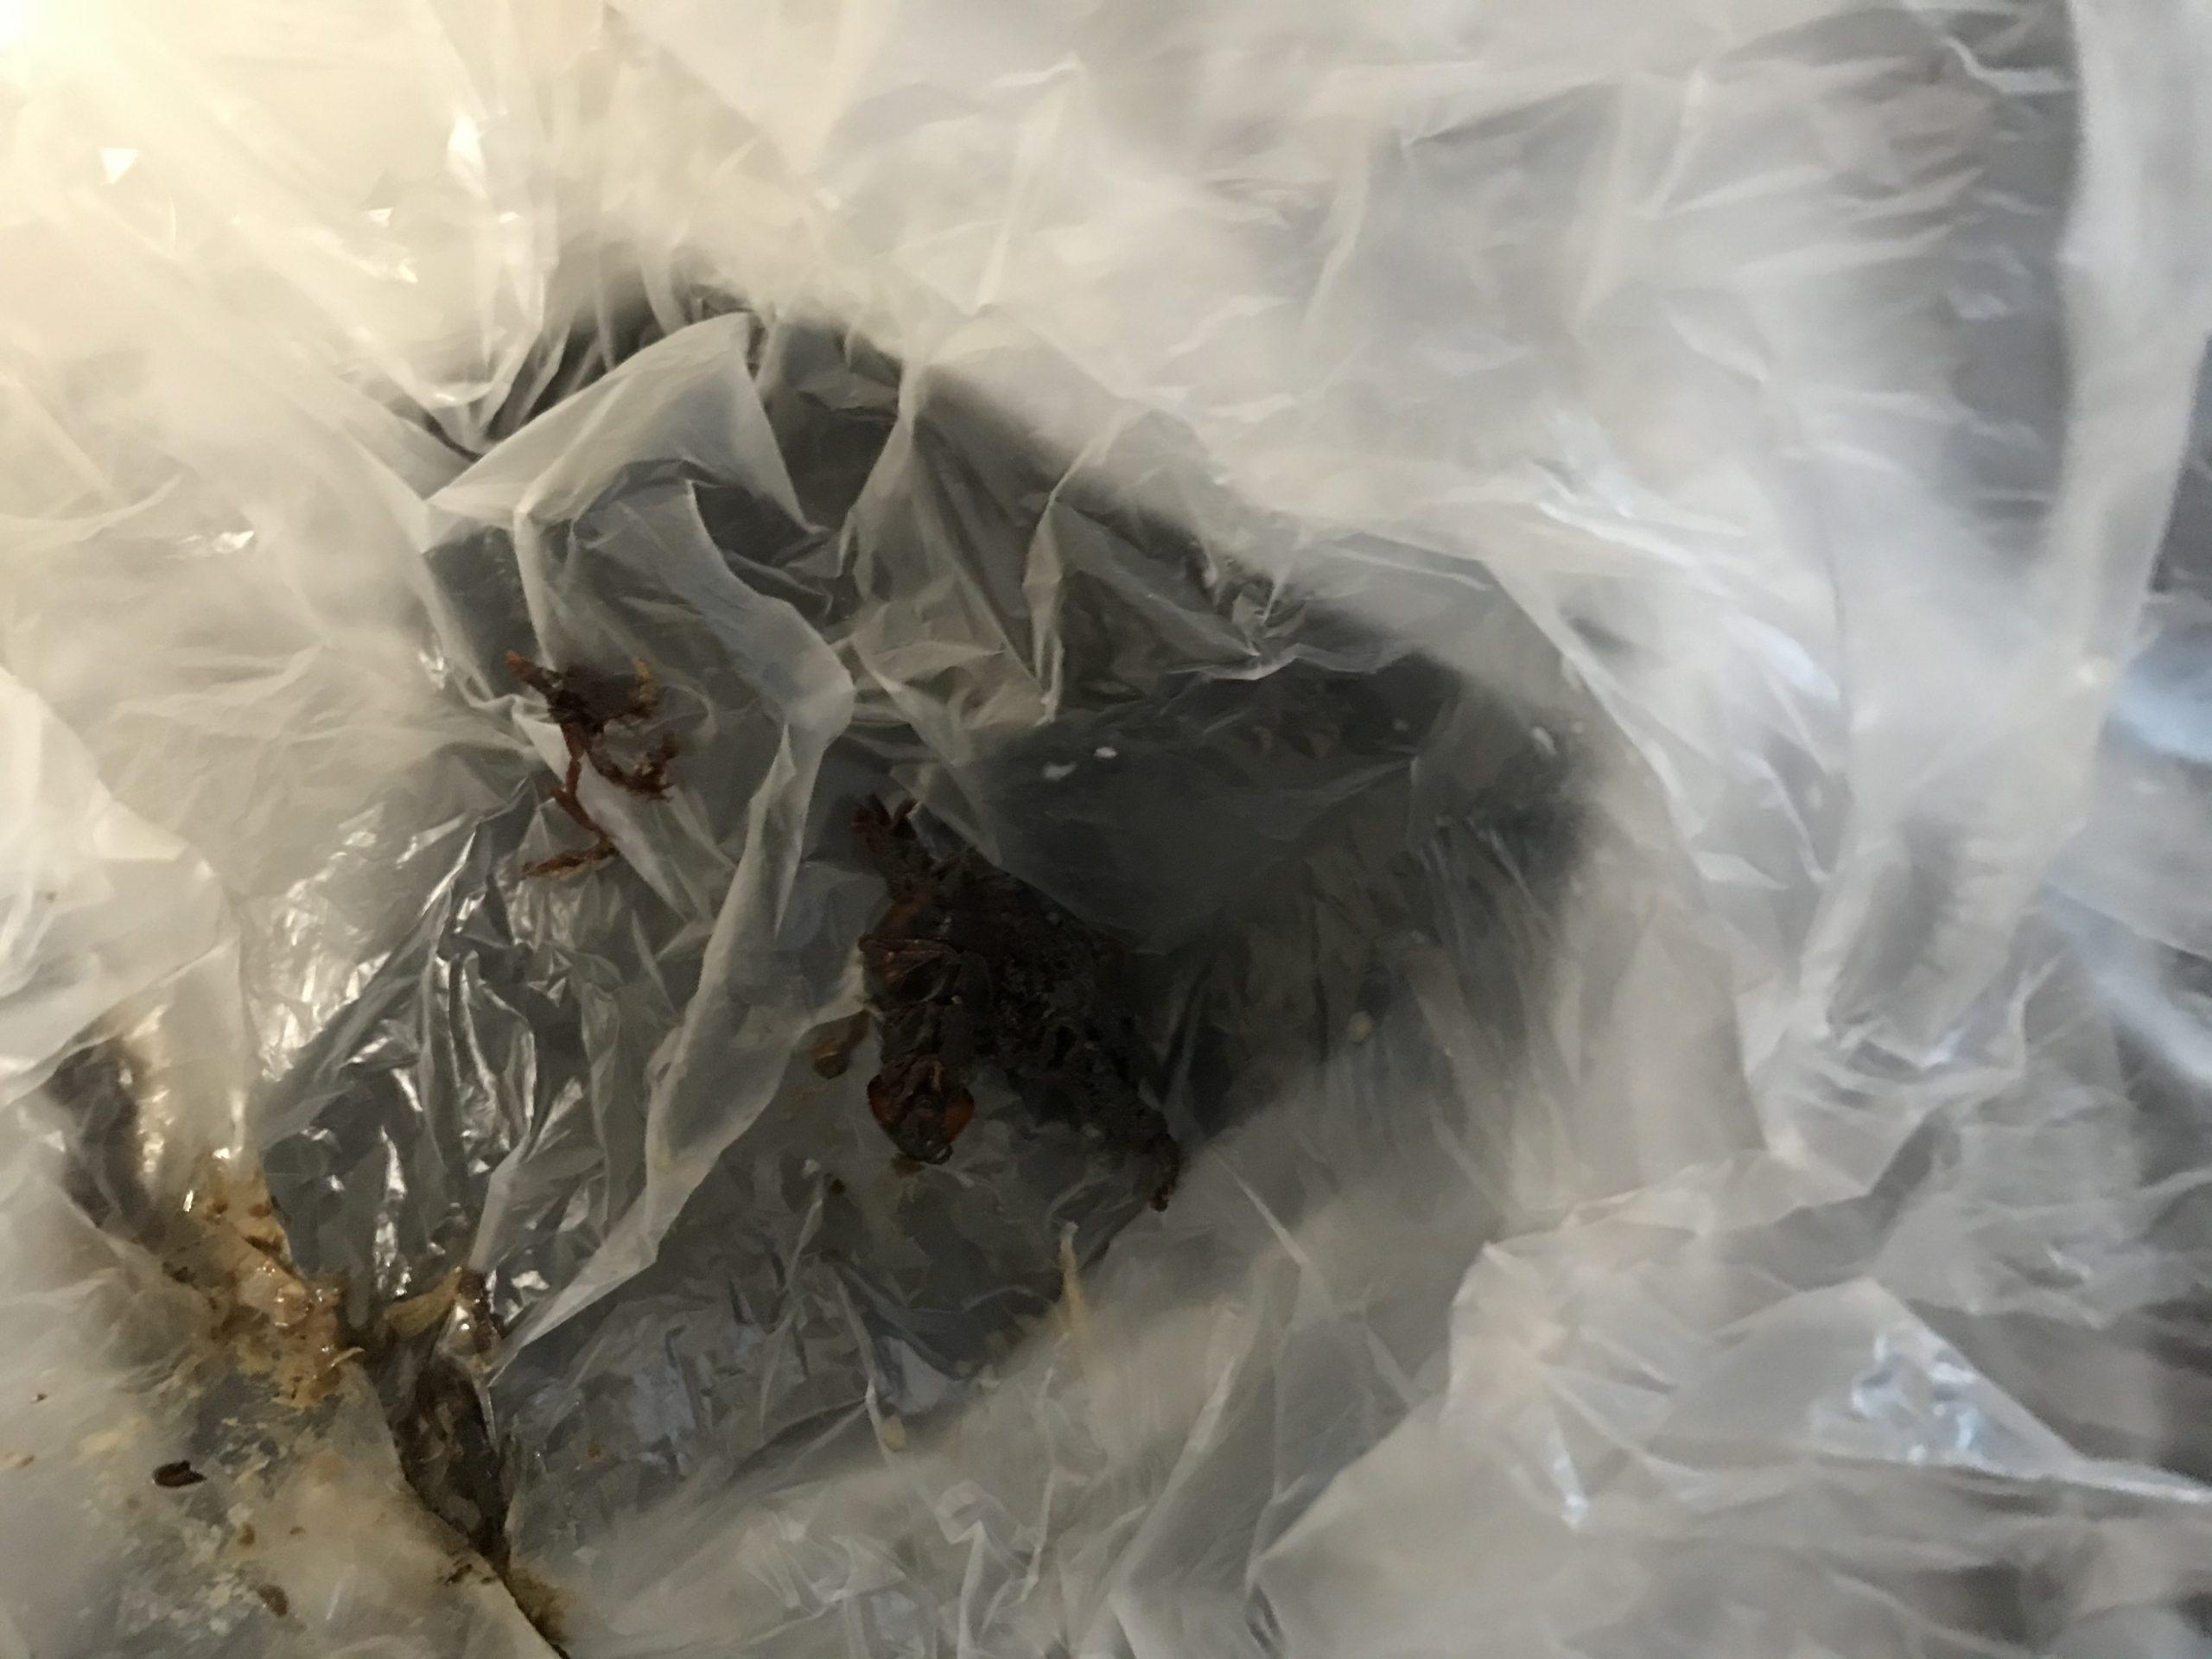 ヤマハトクラスレンジフードのクリーニング 油除去